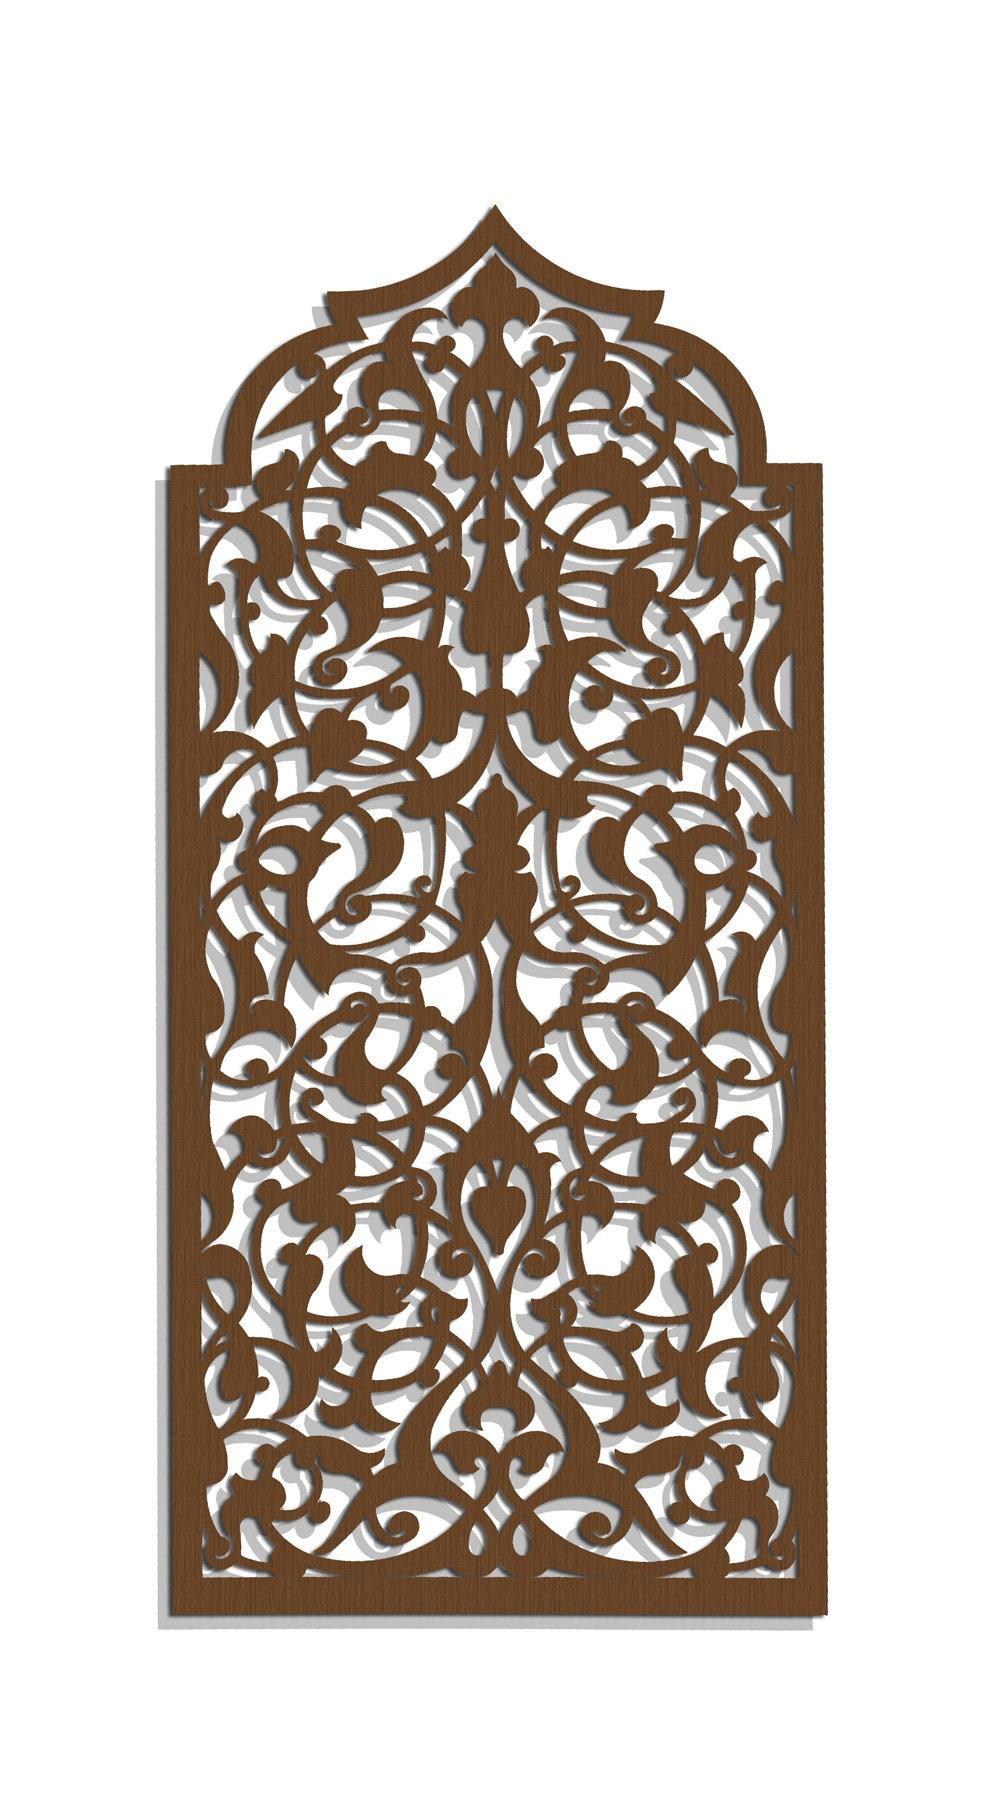 Mur bois élégant 3D art décor marocain arabe ajouré | Etsy